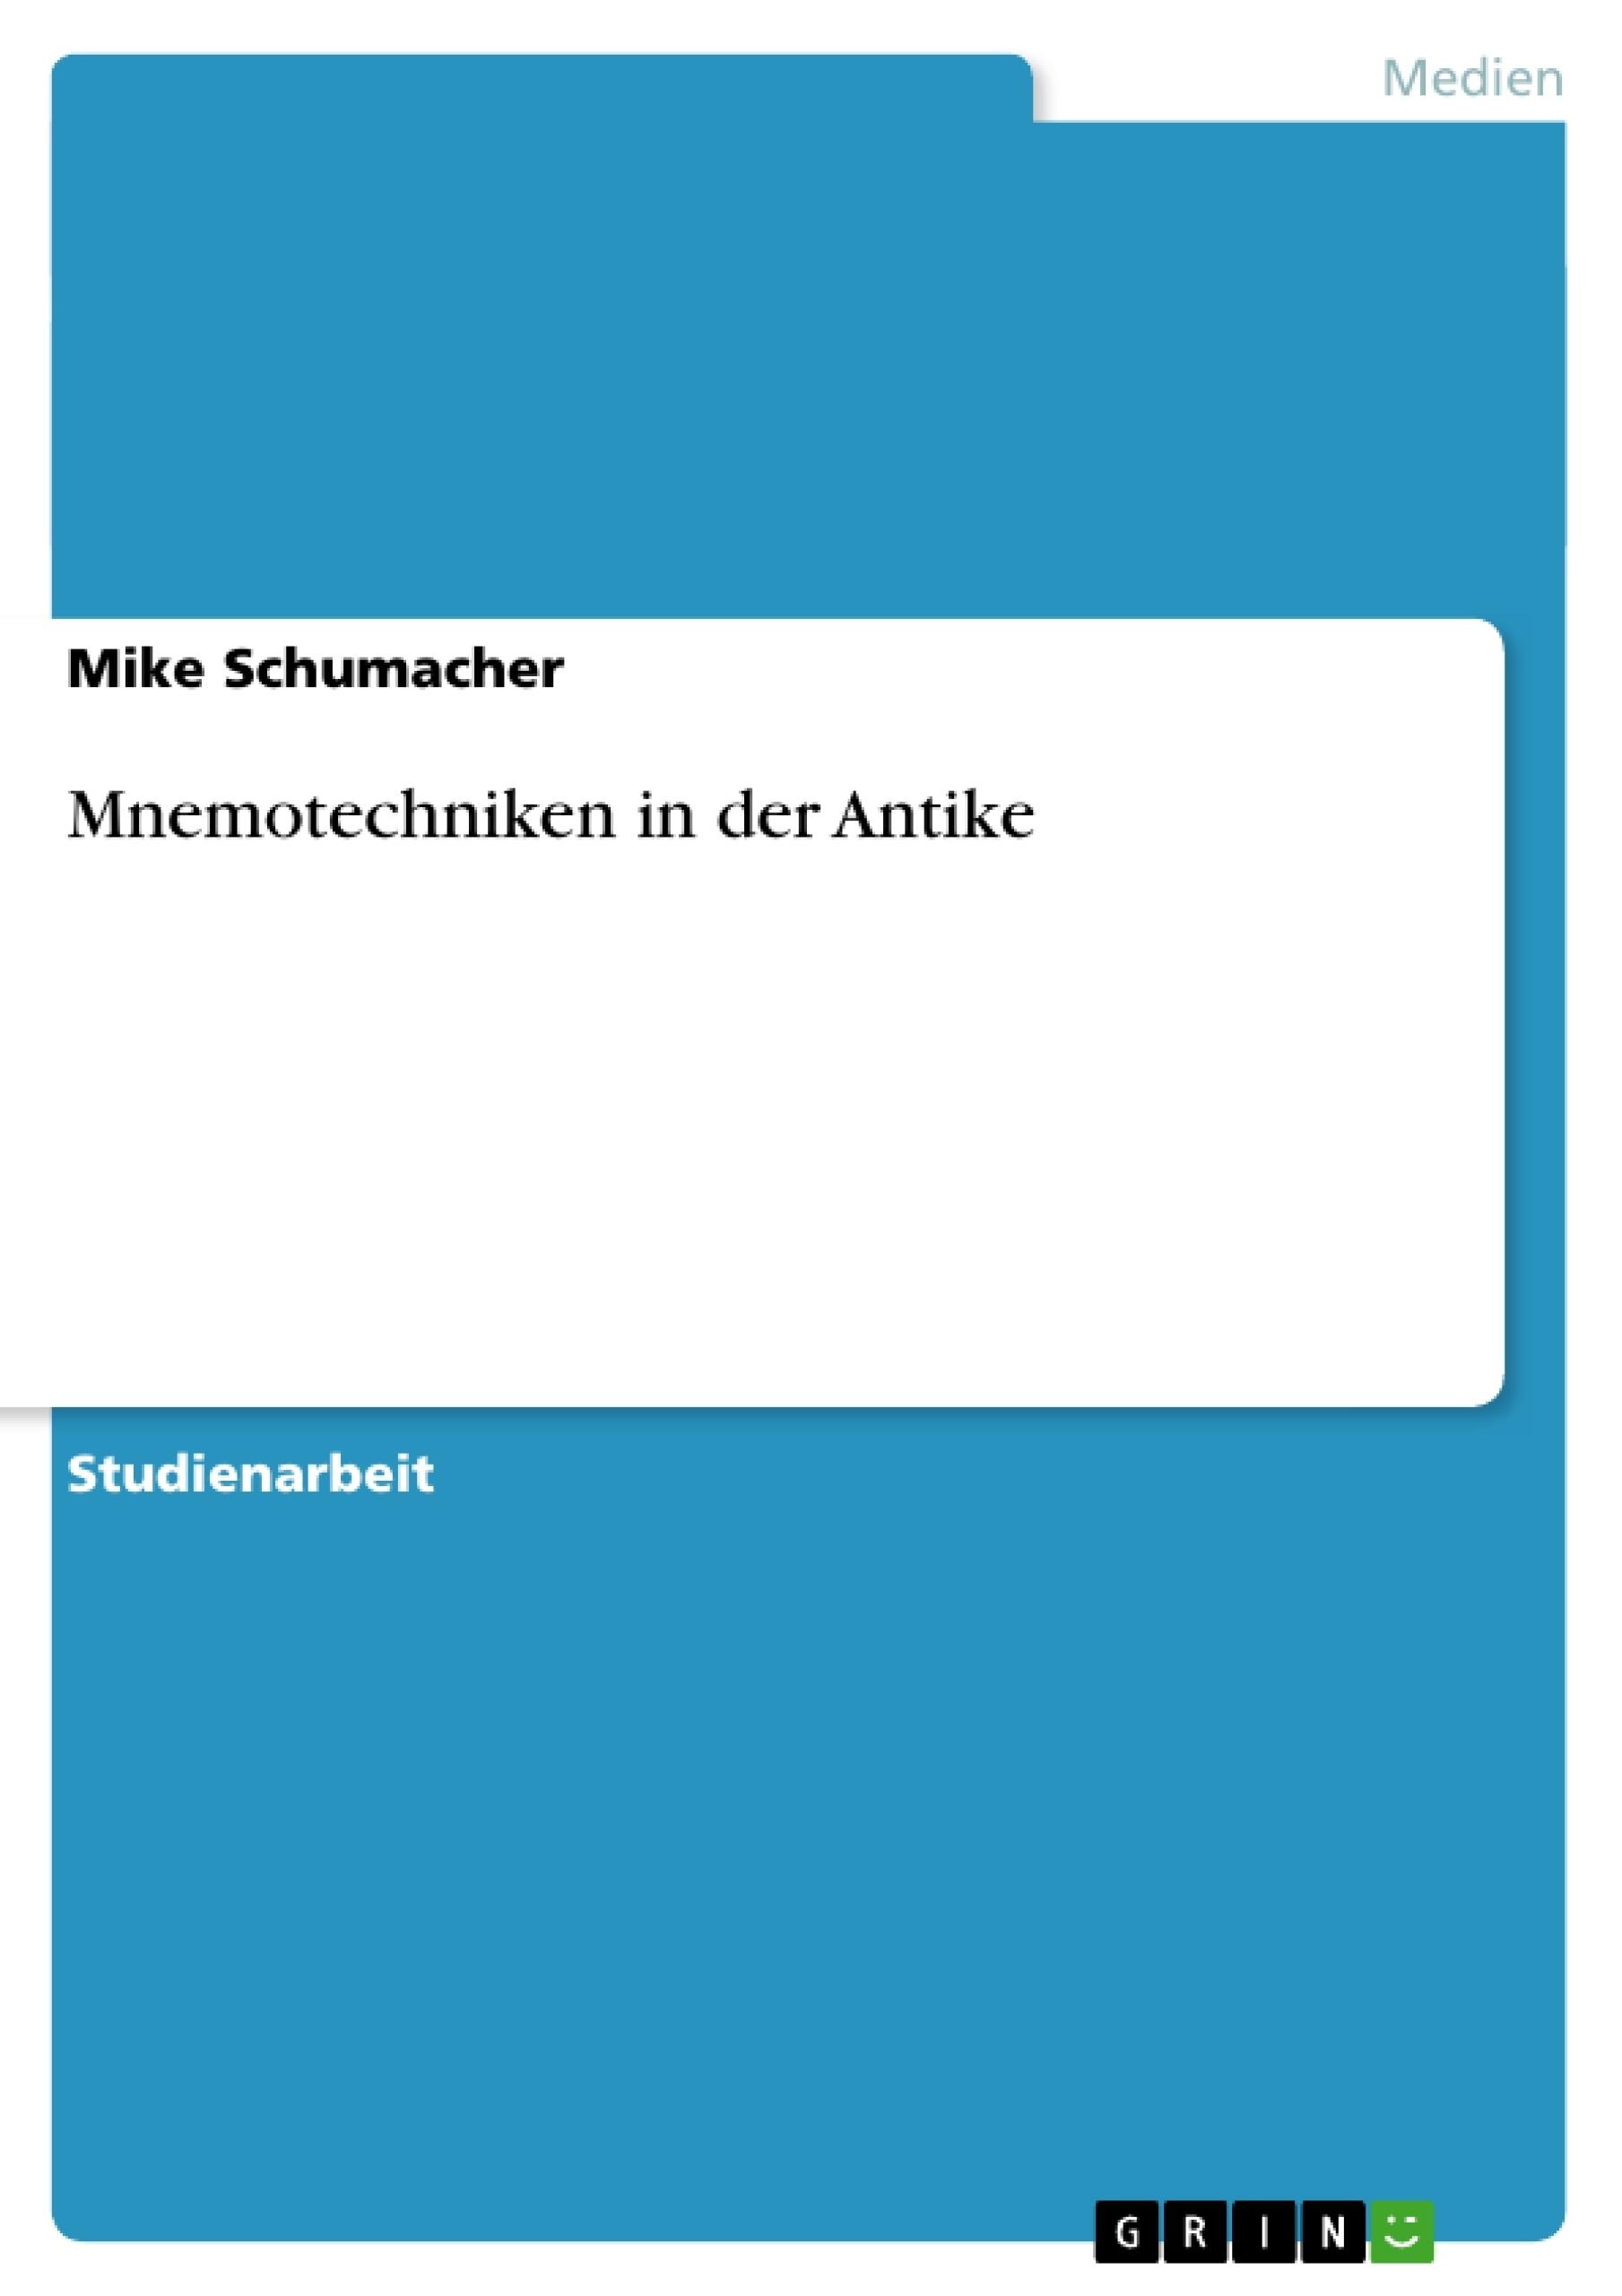 Titel: Mnemotechniken in der Antike